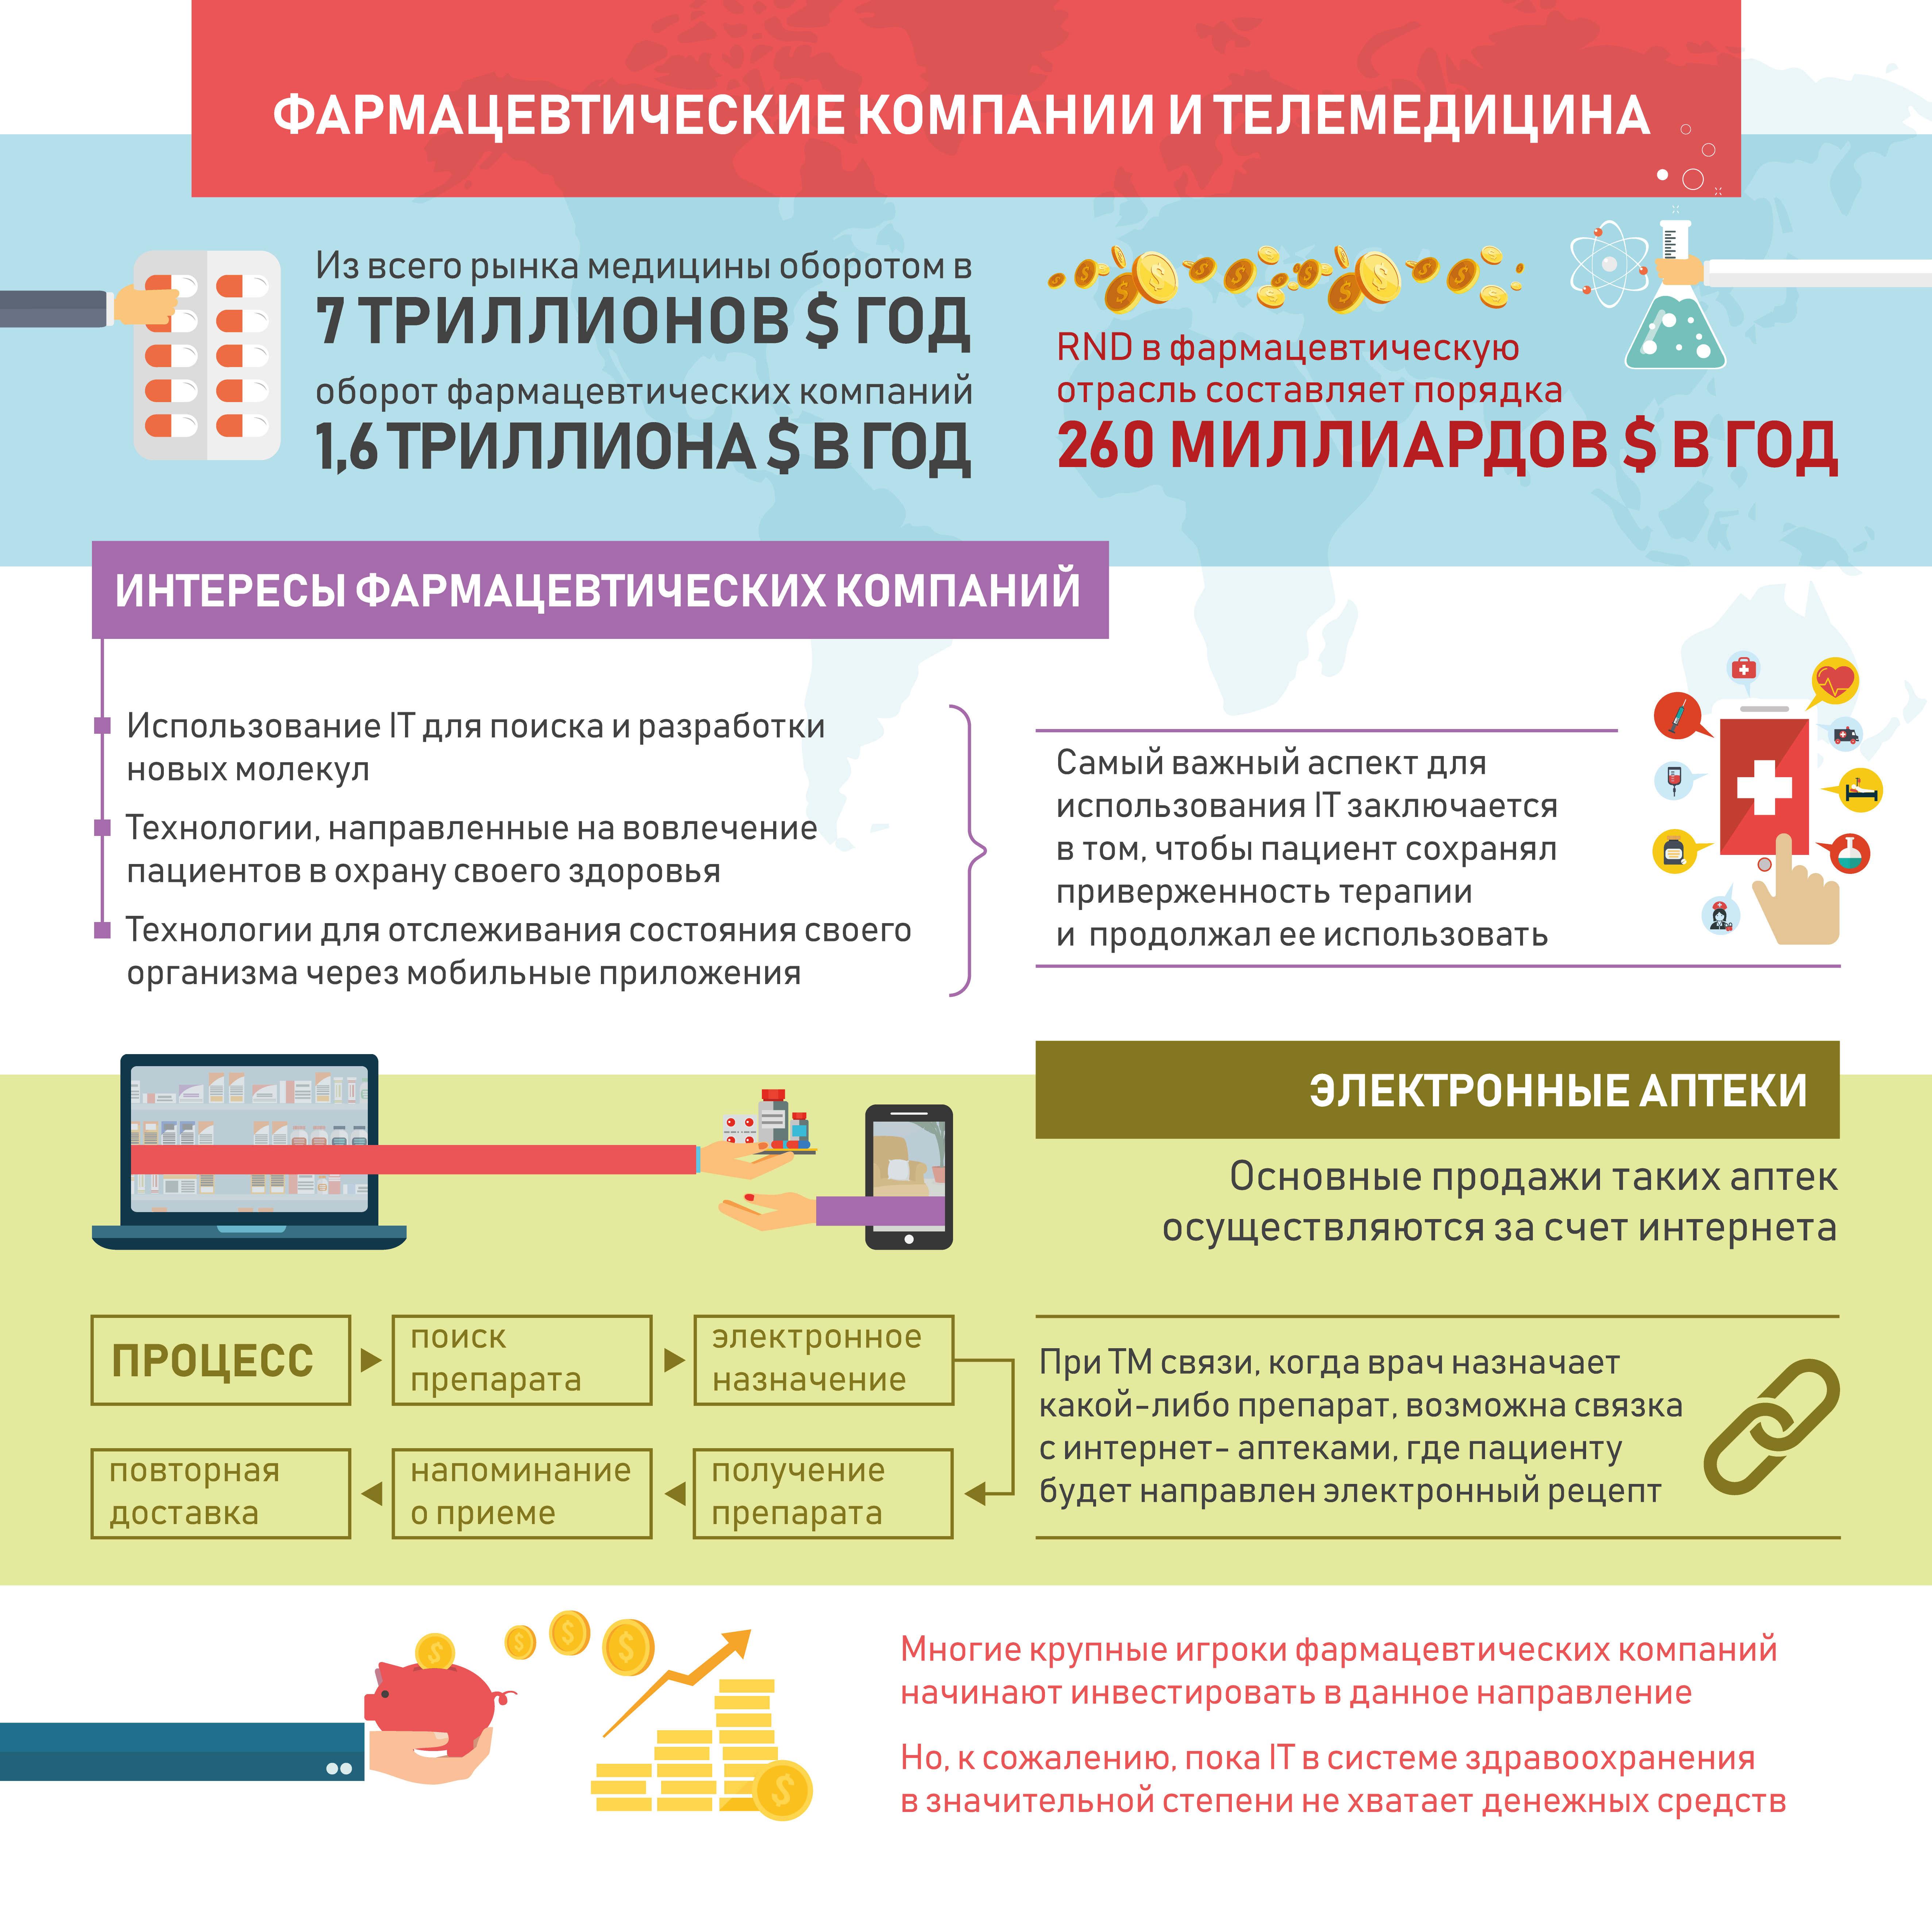 Фармацевтические компании и телемедицина, Инфографика